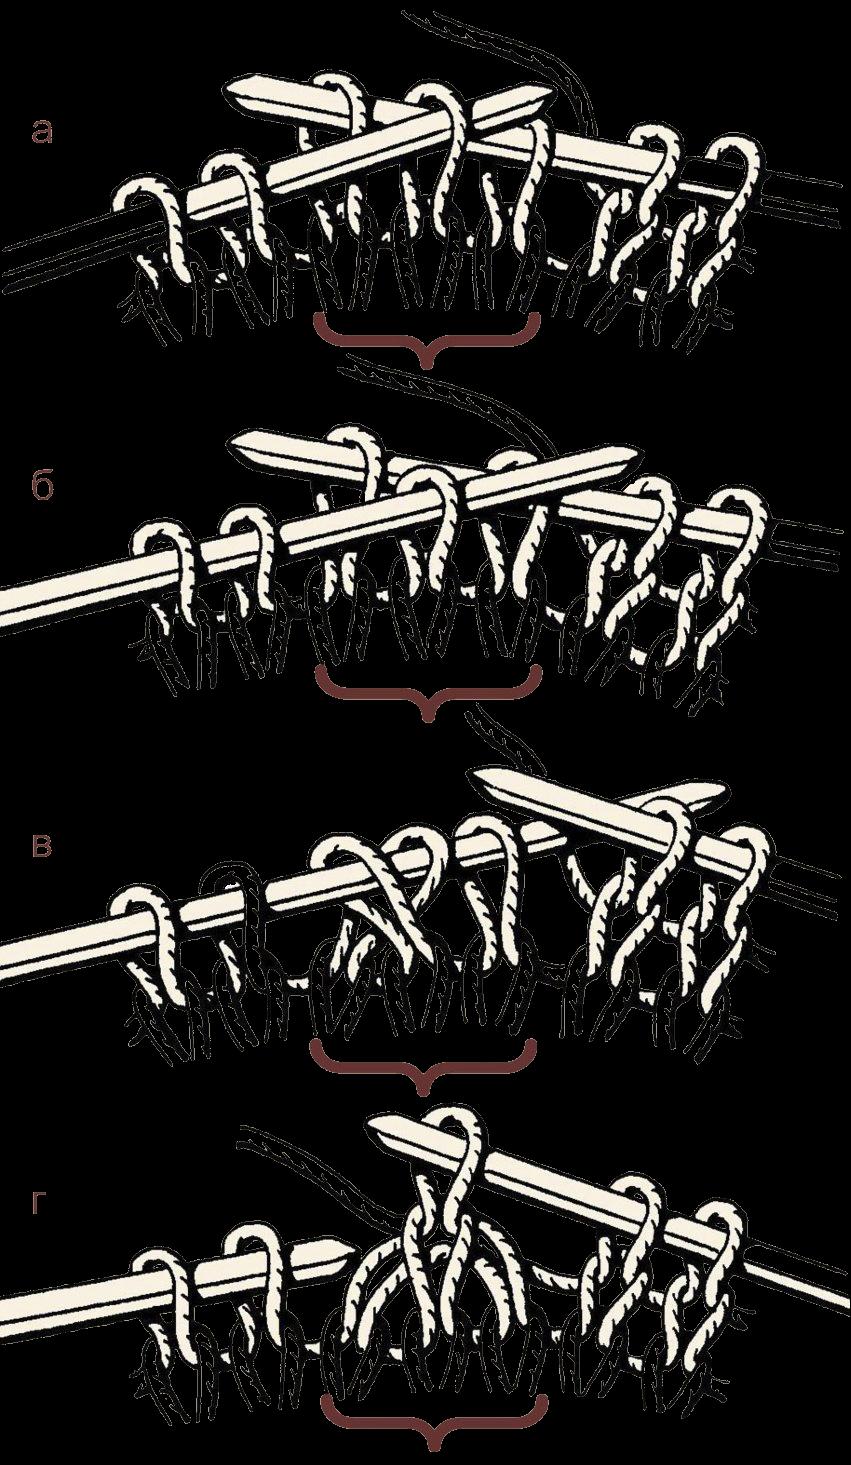 Меланжевый свитер, связанный полупатентной резинкой